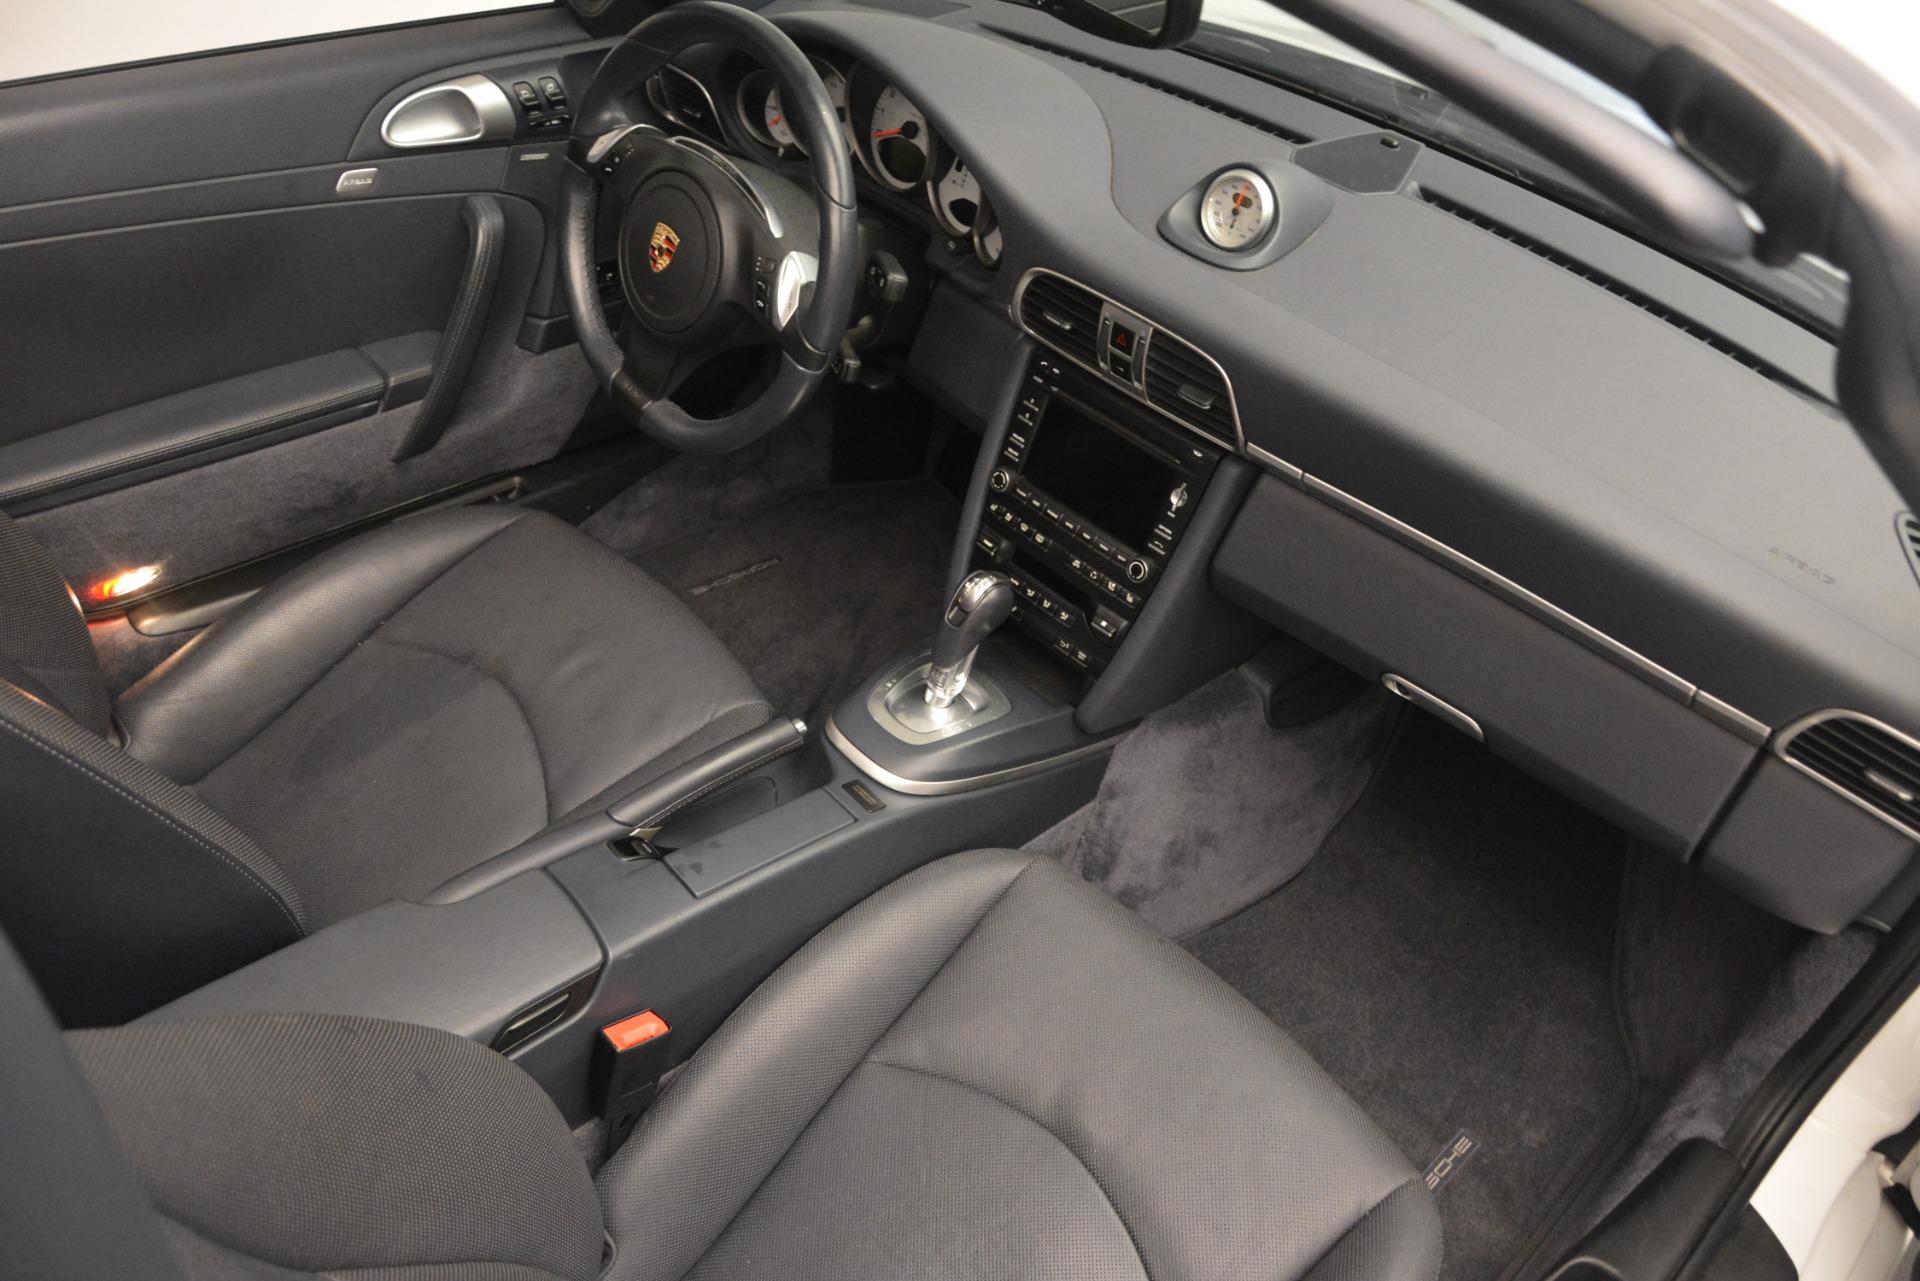 Used 2011 Porsche 911 Carrera 4S For Sale In Greenwich, CT 2600_p22